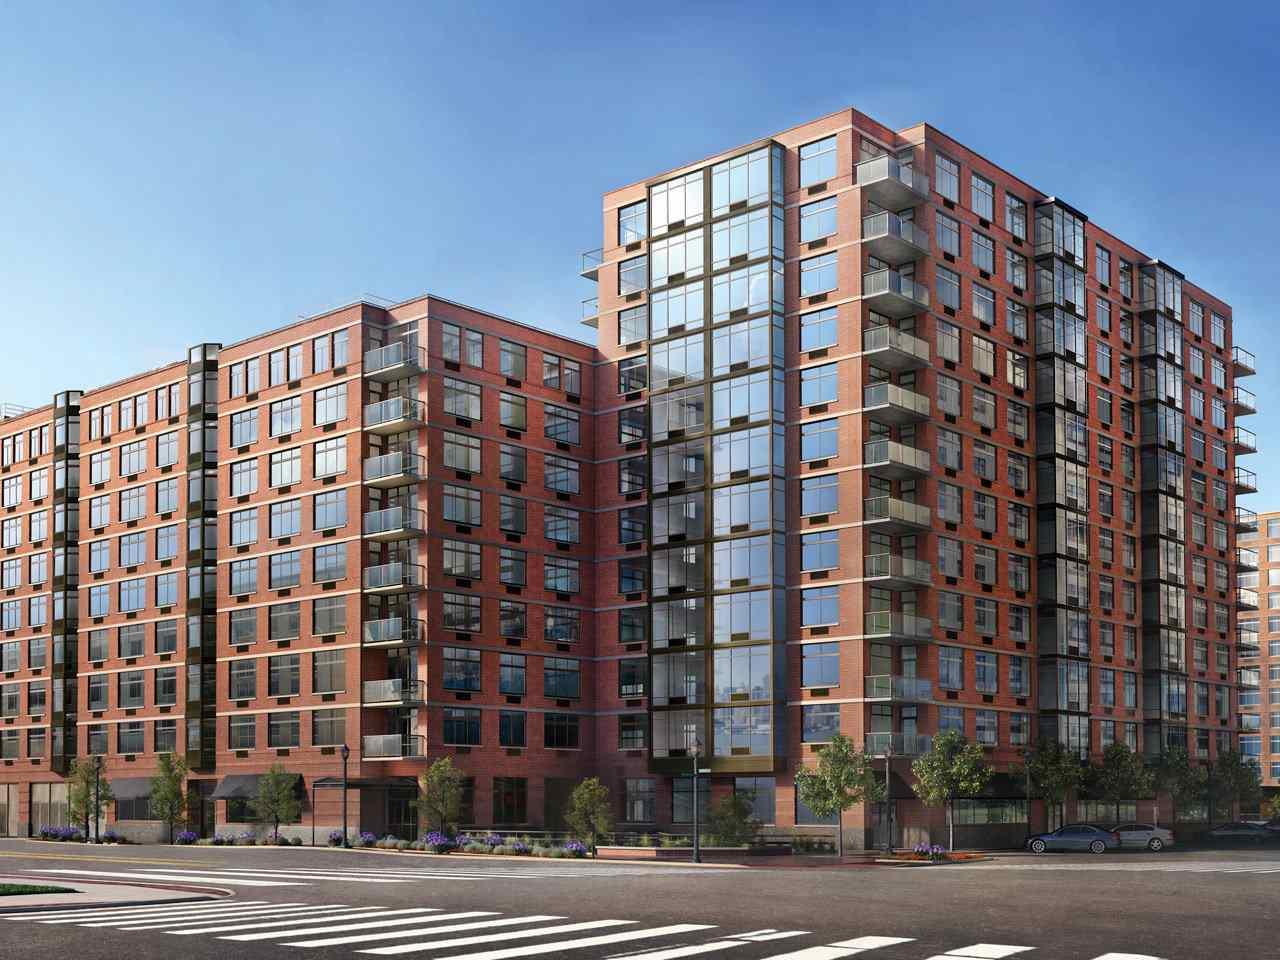 1400 HUDSON ST 522, Hoboken, NJ 07030